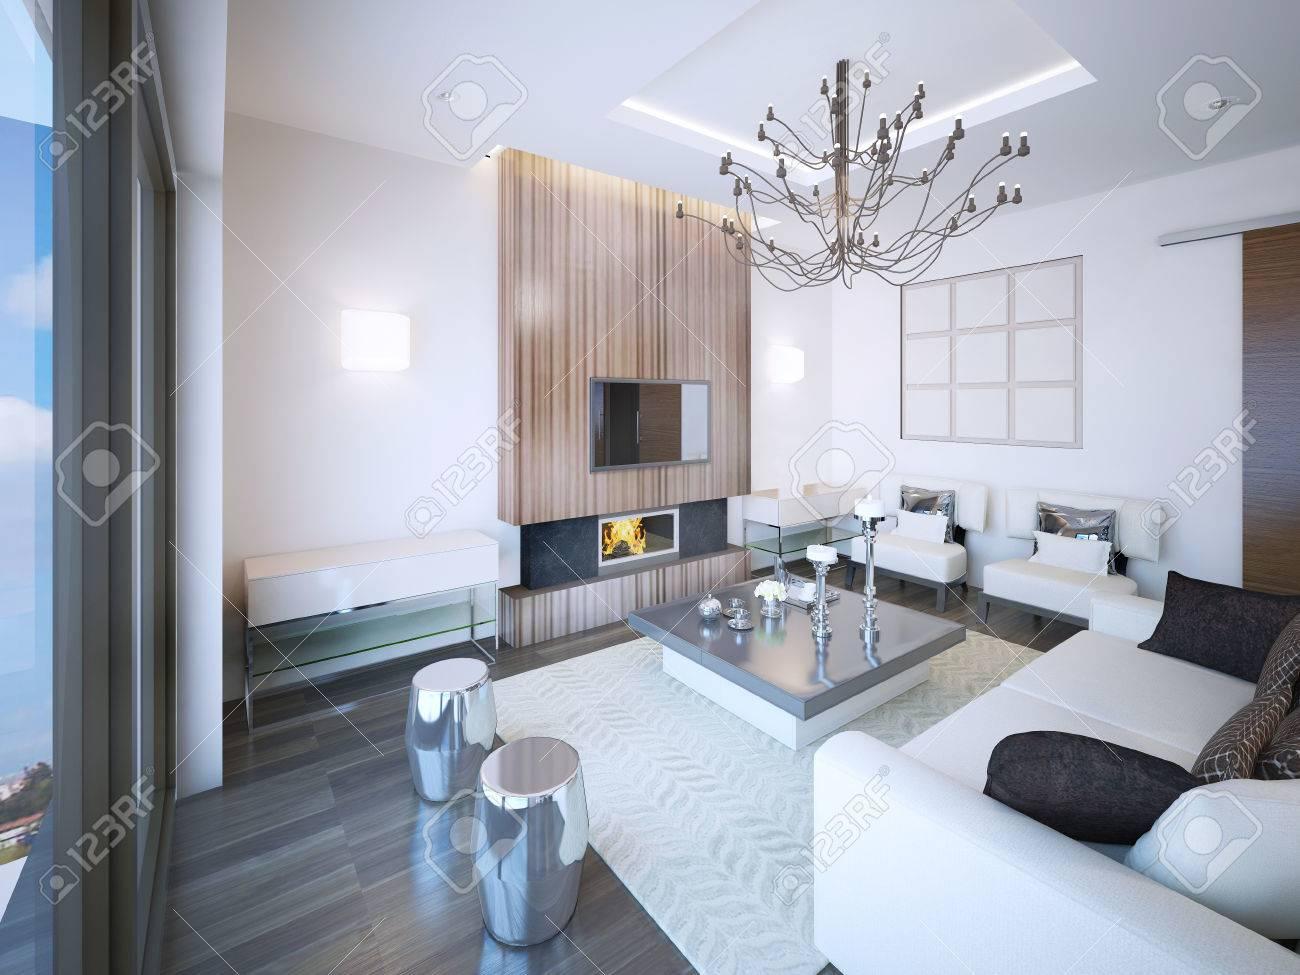 Wohnzimmer Art-Deco-Stil Mit Kamin. Ungewöhnliche Möbel Aus Weichem ...